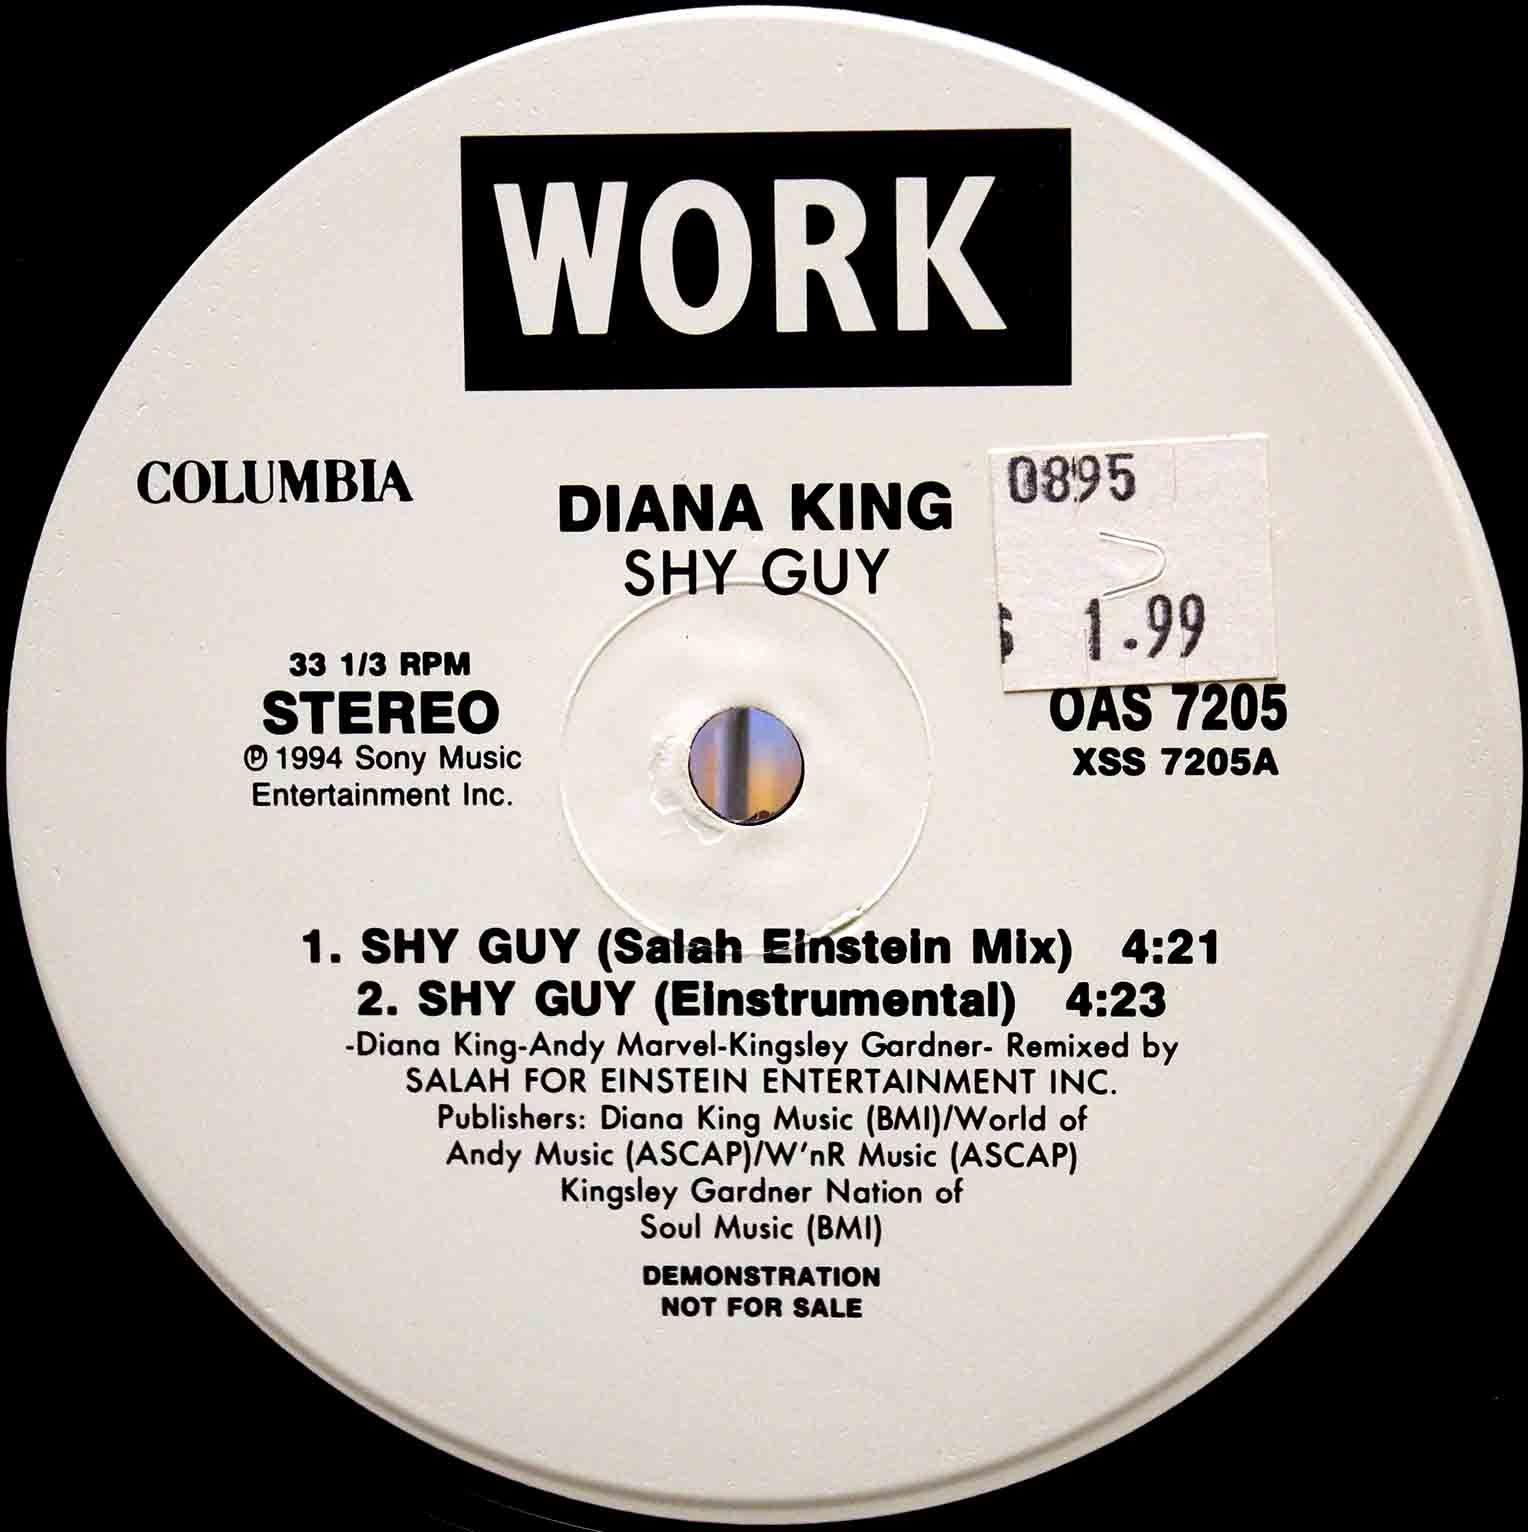 Diana King - Shy Guy 03